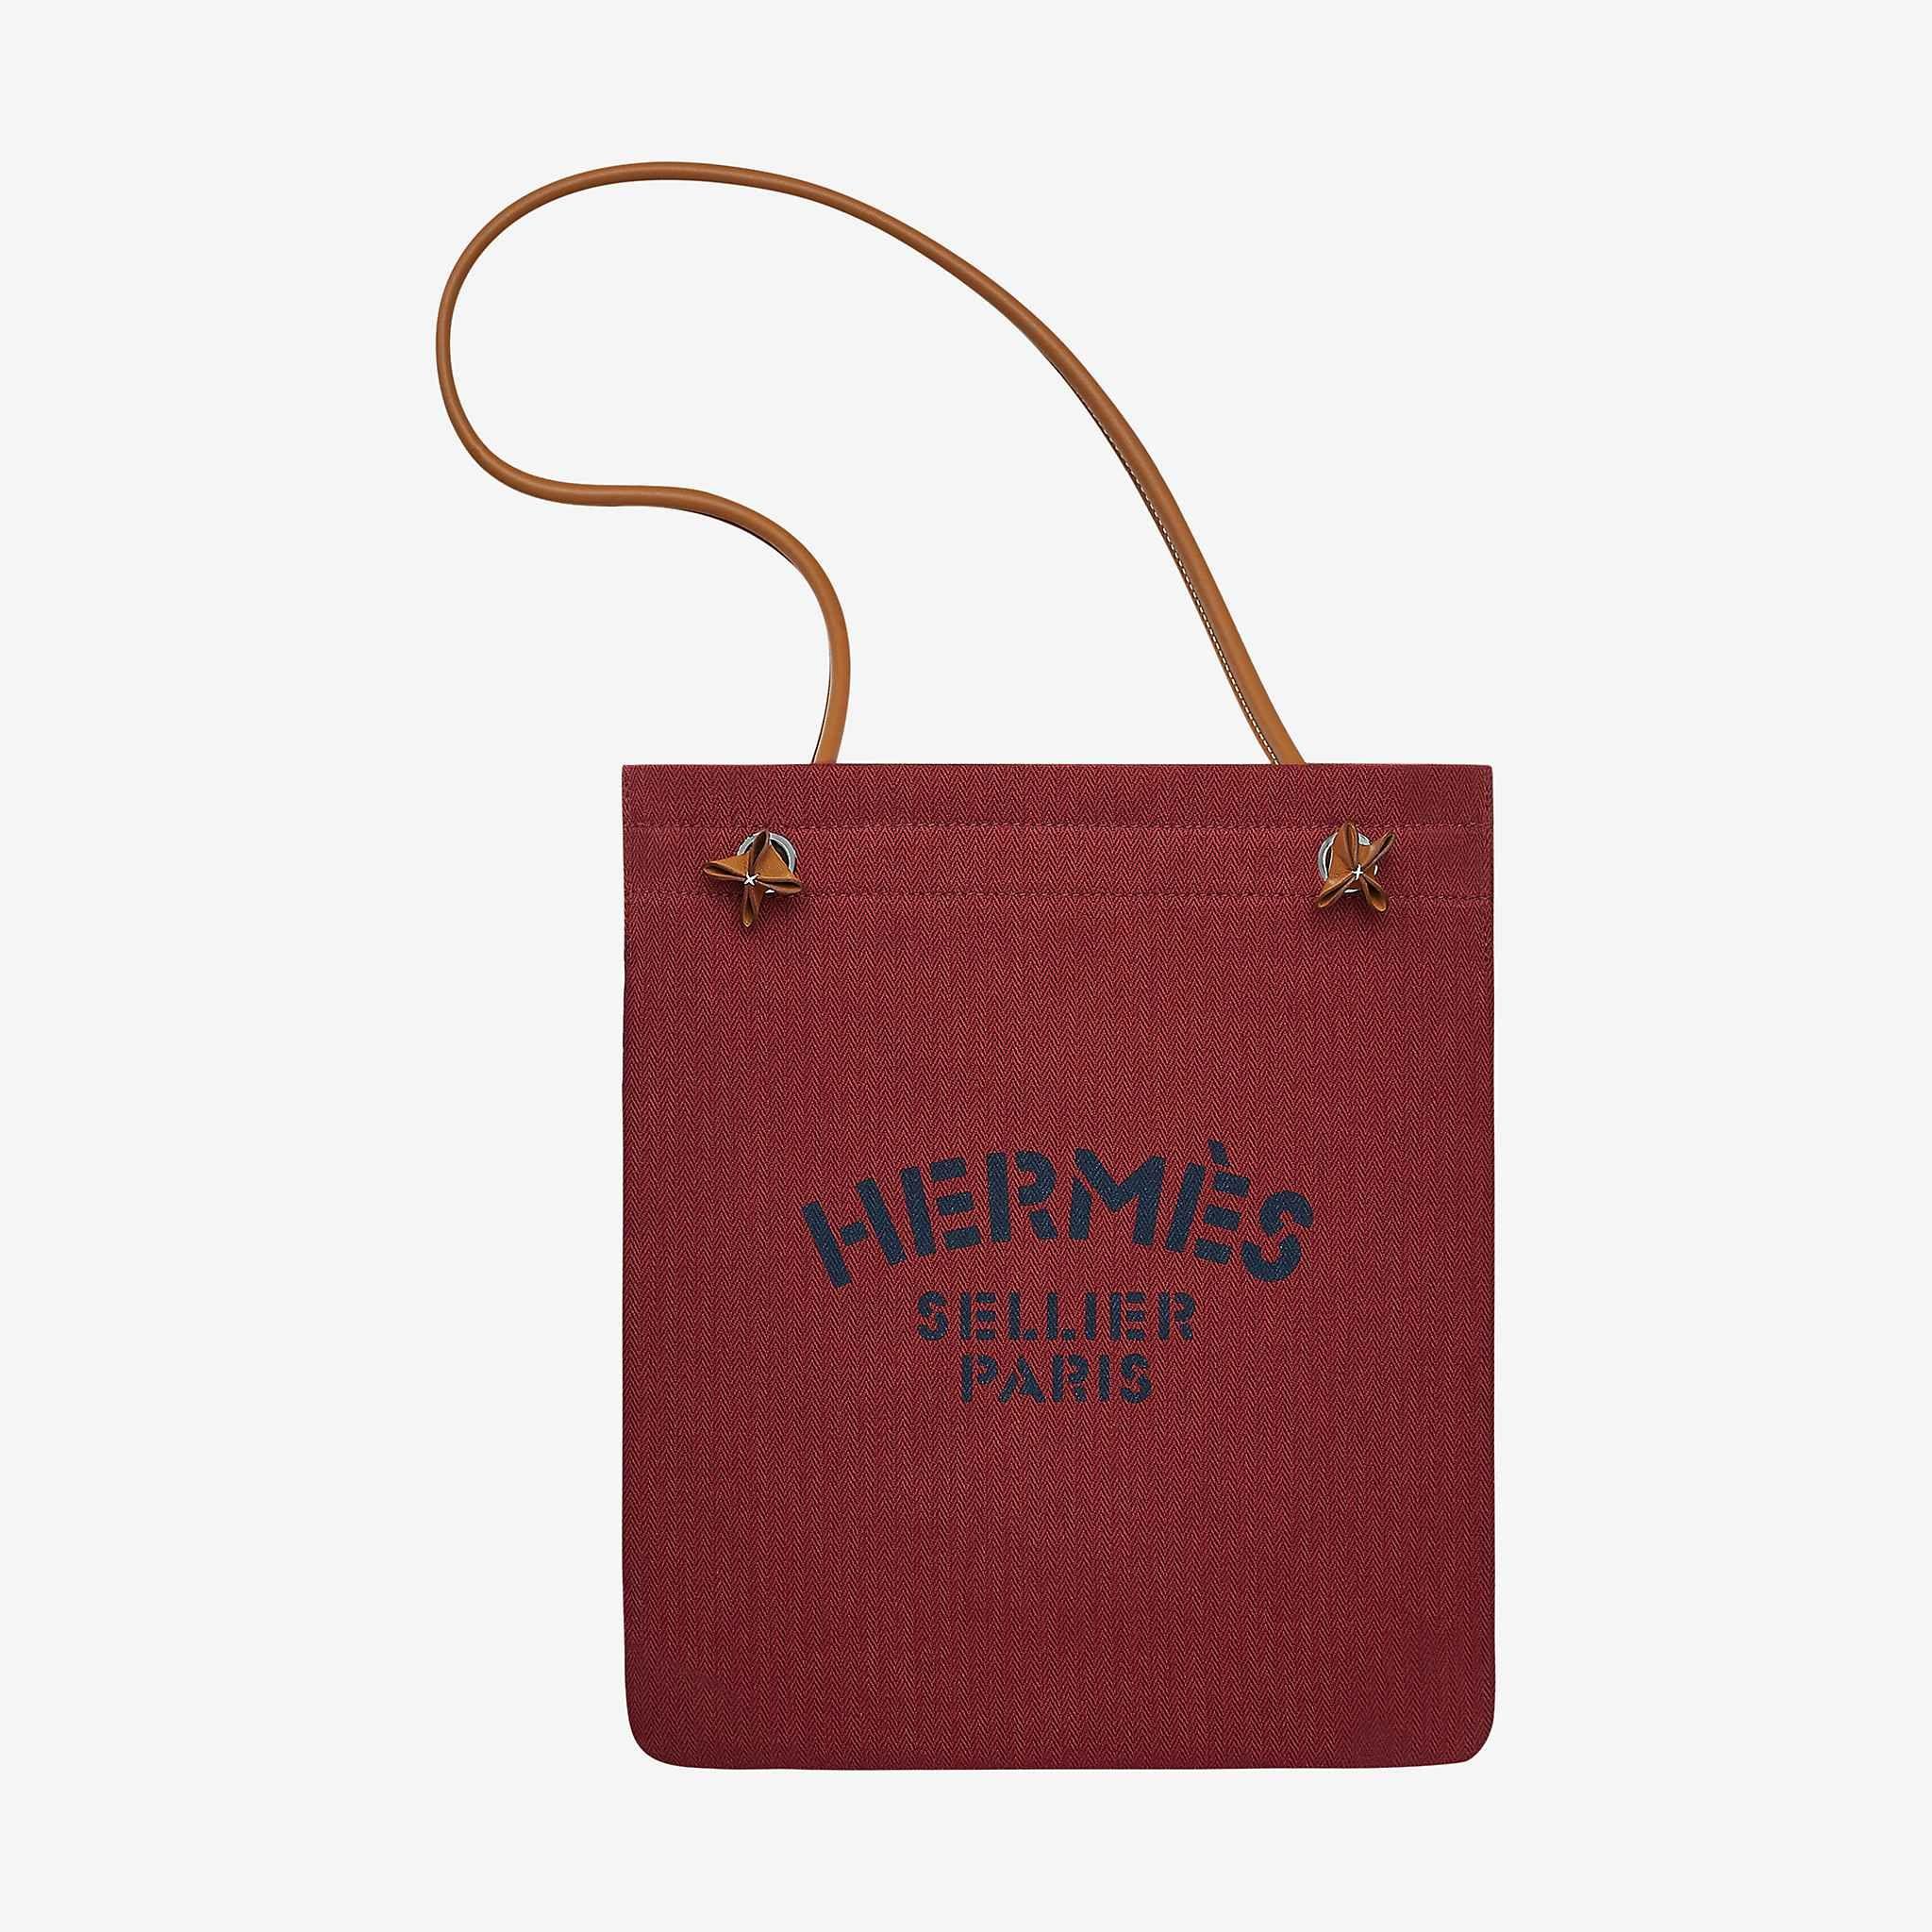 60154bcb4 Aline grooming bag in 2019 | hermes bags | Hermes bags, Bags, Canvas ...